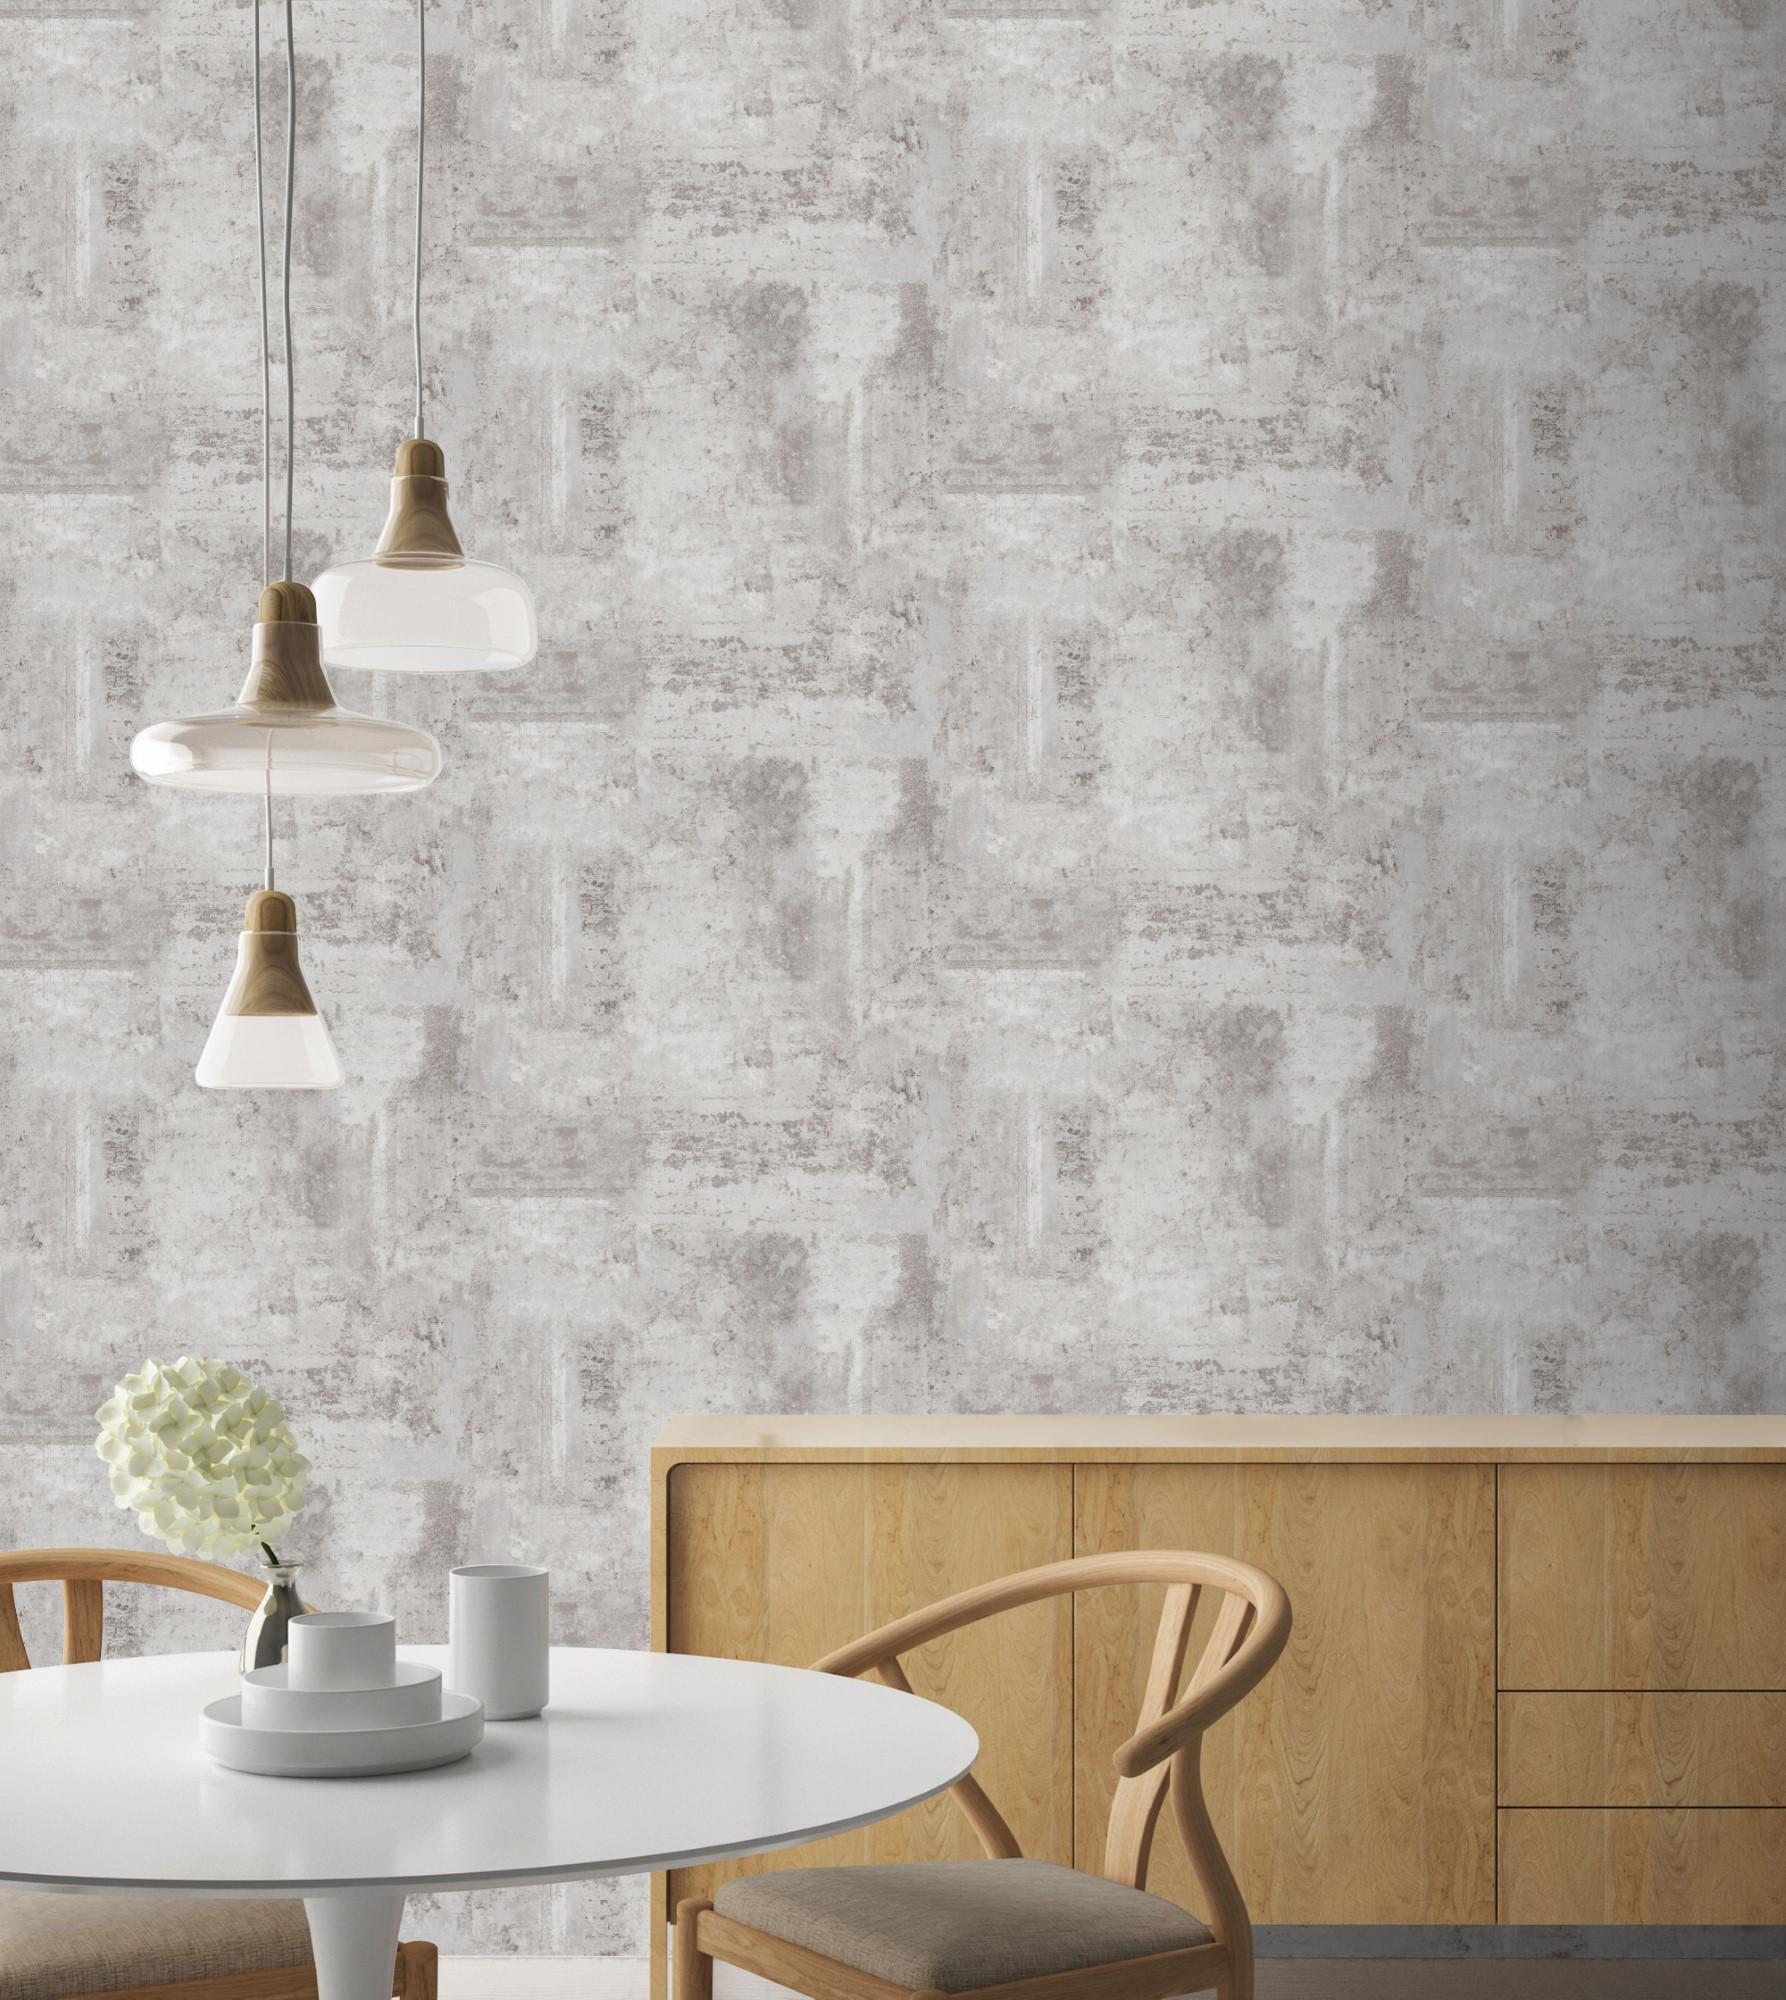 Papier peint intissé béton luxe gris 1005x52cm